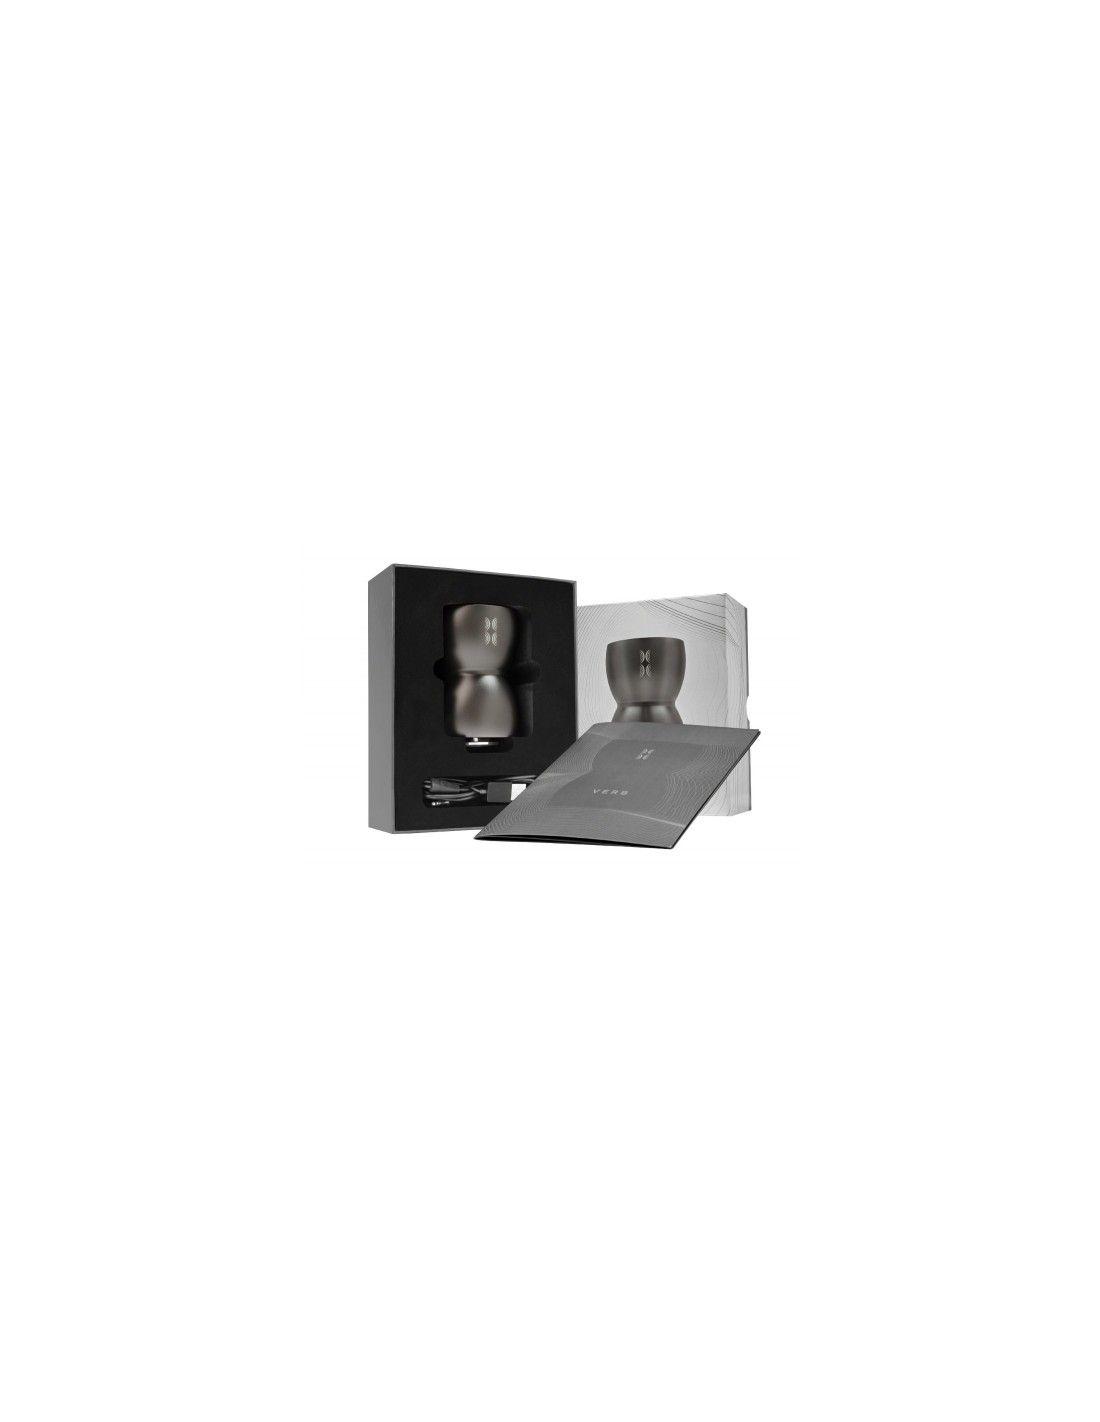 bass egg enceinte bluetooth vibrations gris en stock chez swiss domotique. Black Bedroom Furniture Sets. Home Design Ideas